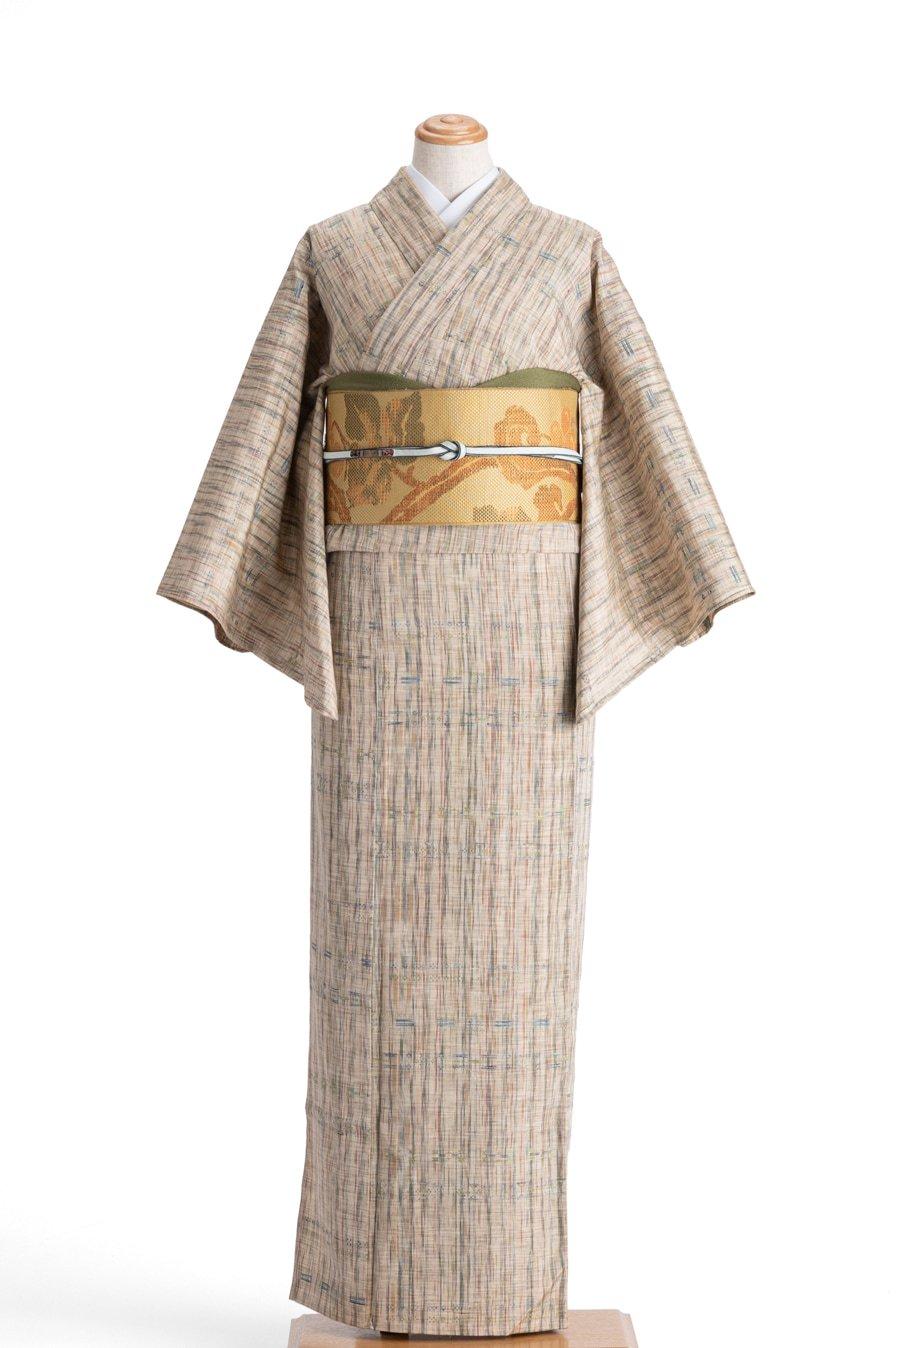 「単衣 紬 ランダムカラーの縞」の商品画像